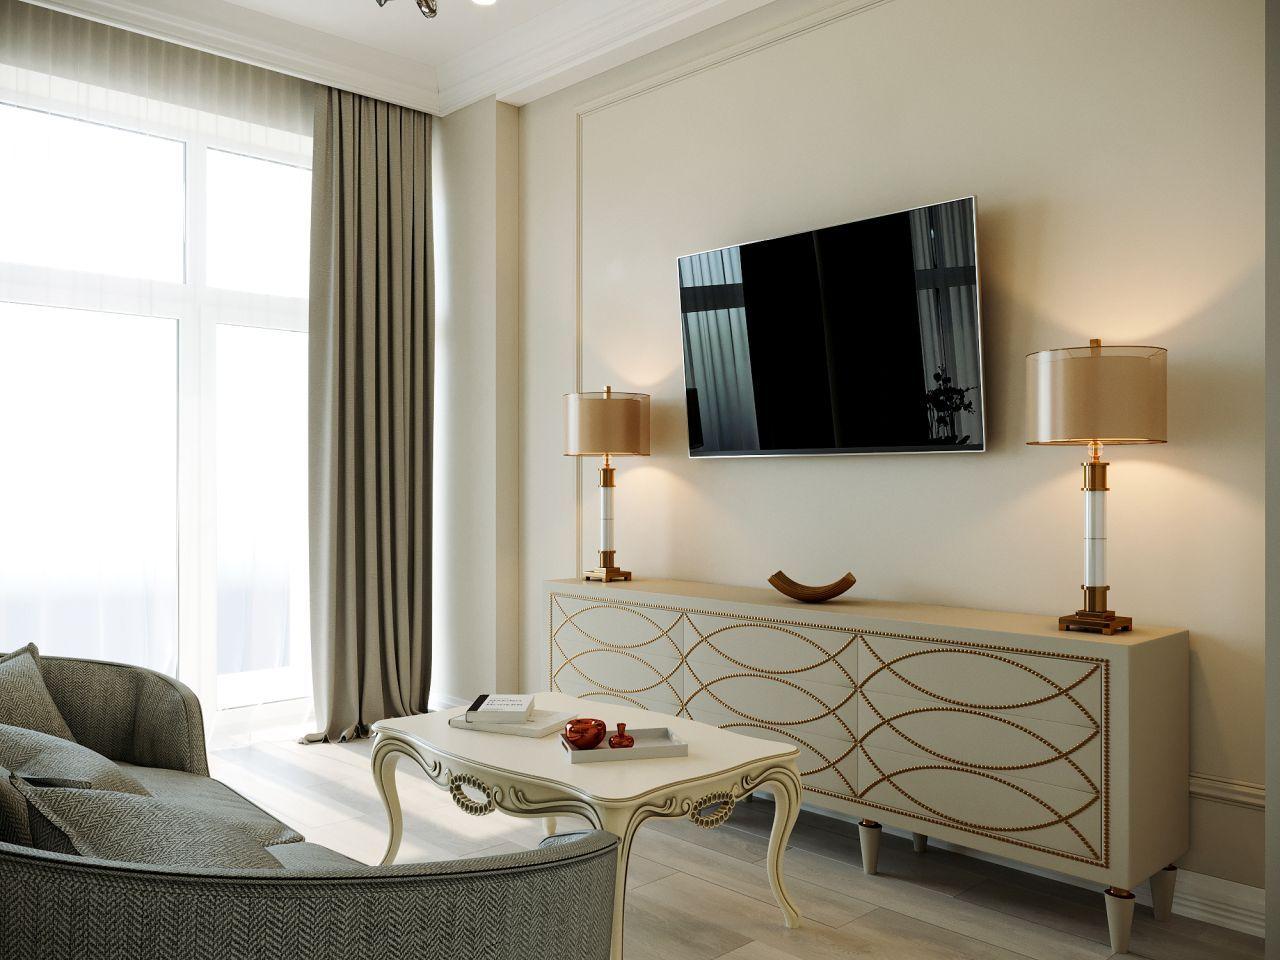 Дизайн спальни - ТВ-зона - Апартаменты ЖК Каравелла Португалии 300 кв.м